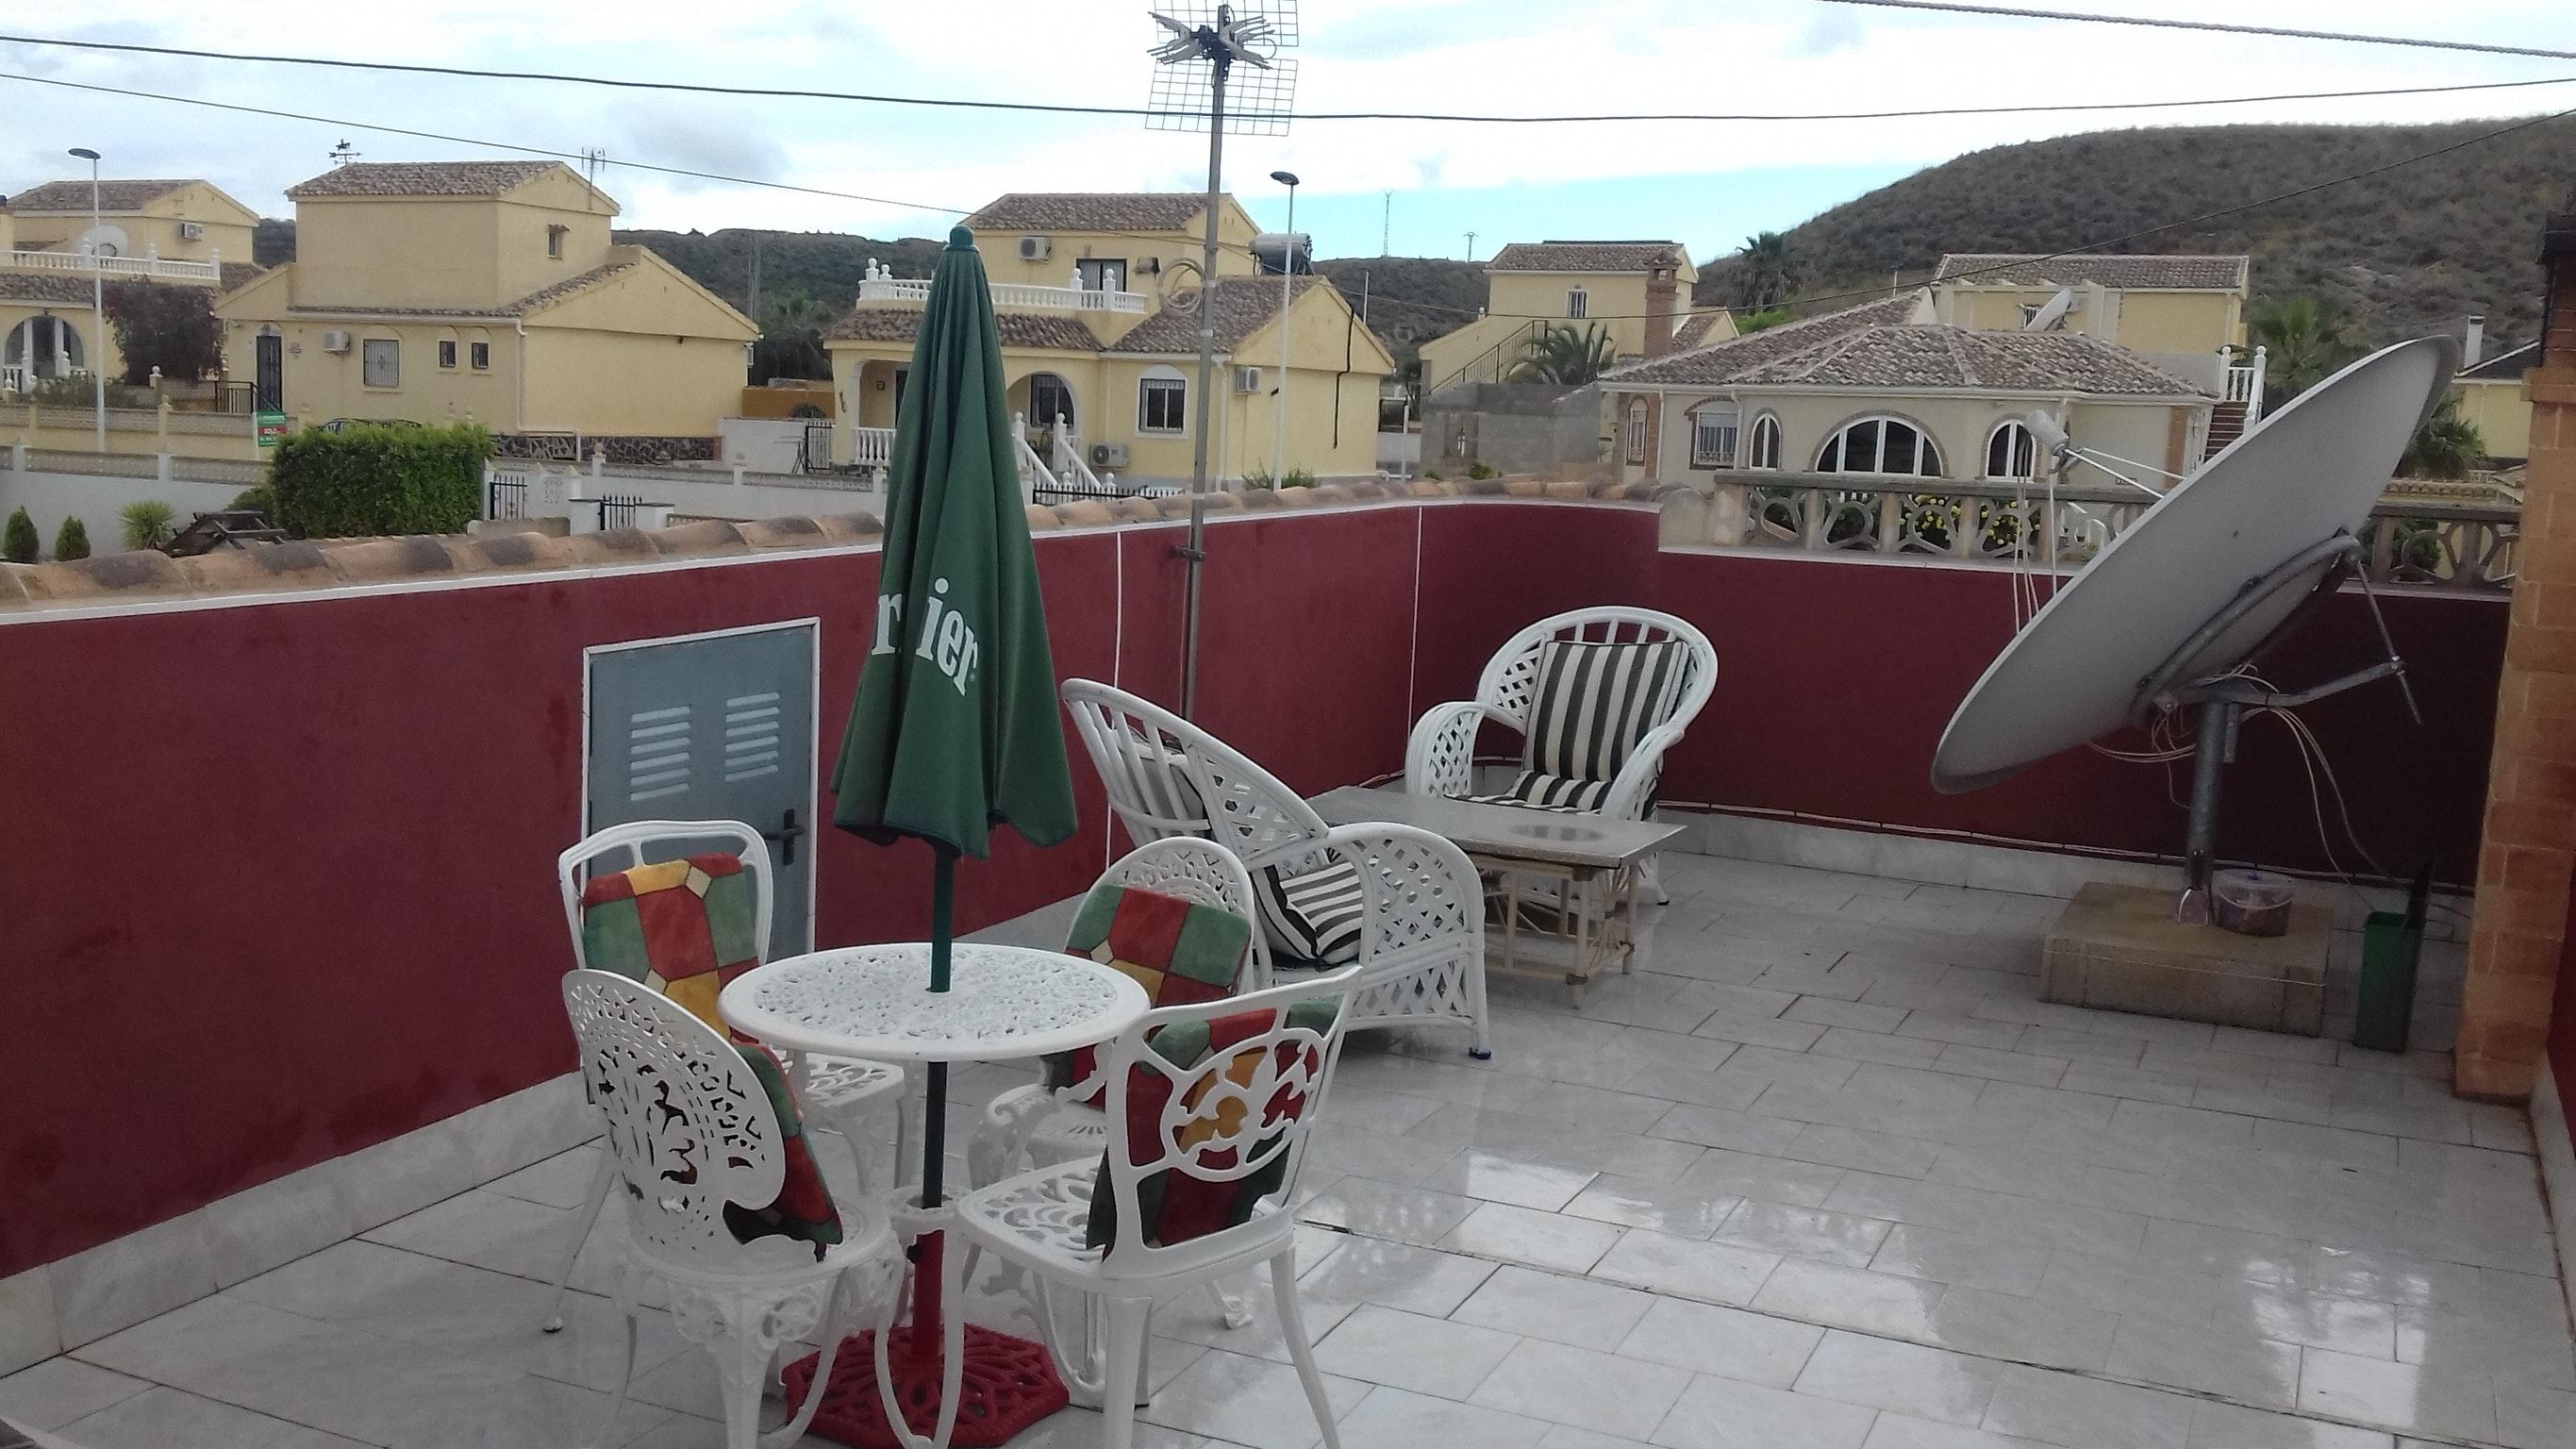 Maison de vacances Villa mit 2 Schlafzimmern in Mazarrón mit toller Aussicht auf die Berge, privatem Pool, ei (2632538), Mazarron, Costa Calida, Murcie, Espagne, image 7